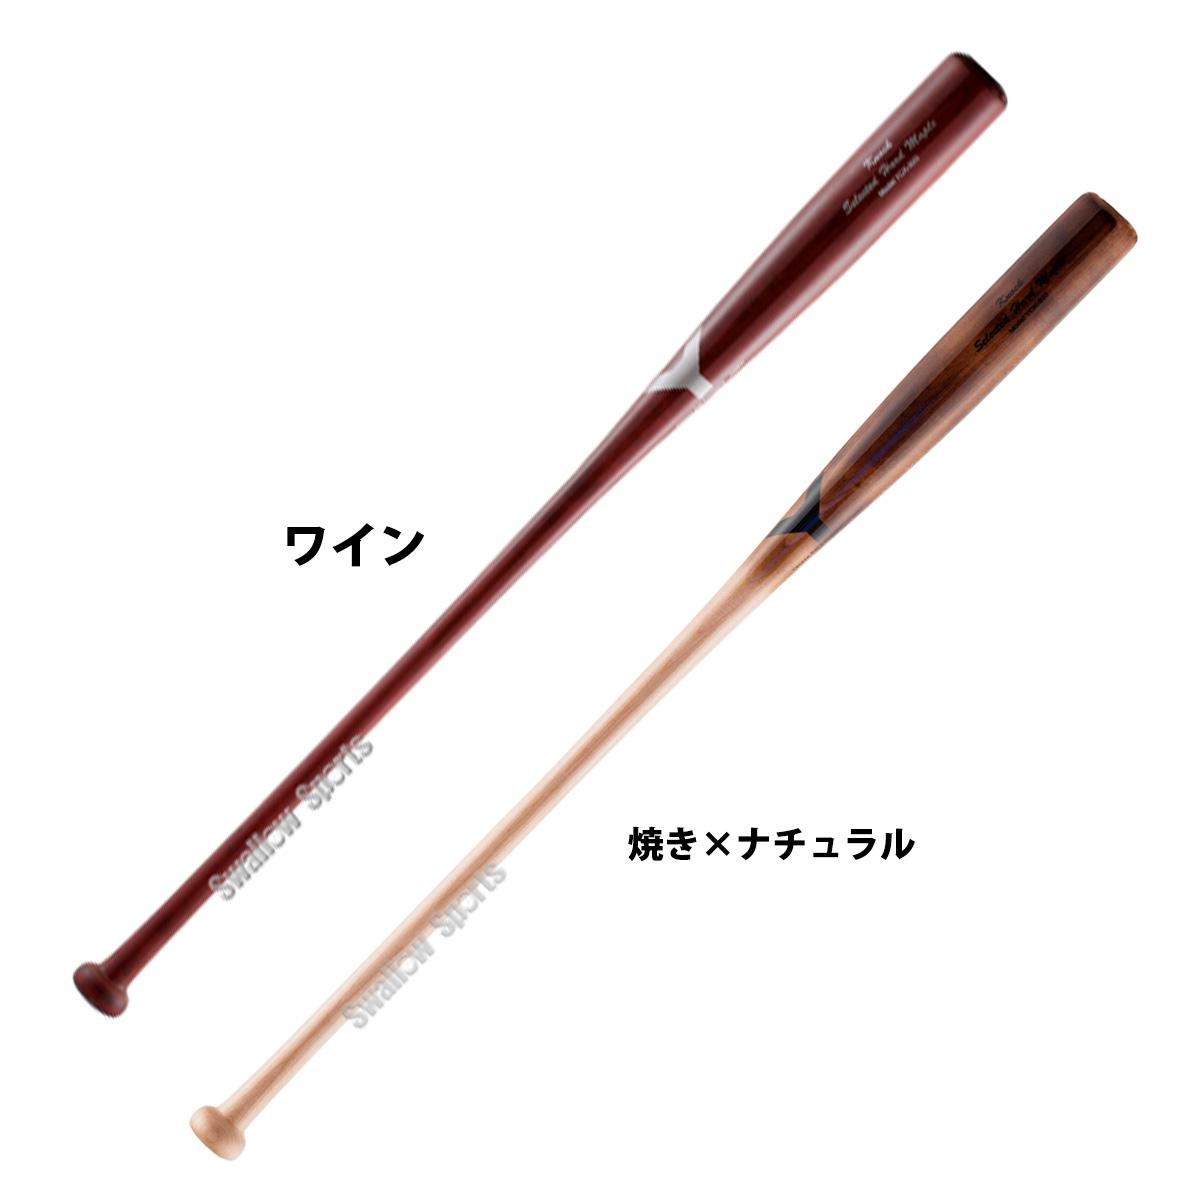 大人気の焼き加工を施したヤナセのノックバット!(YCK-920)